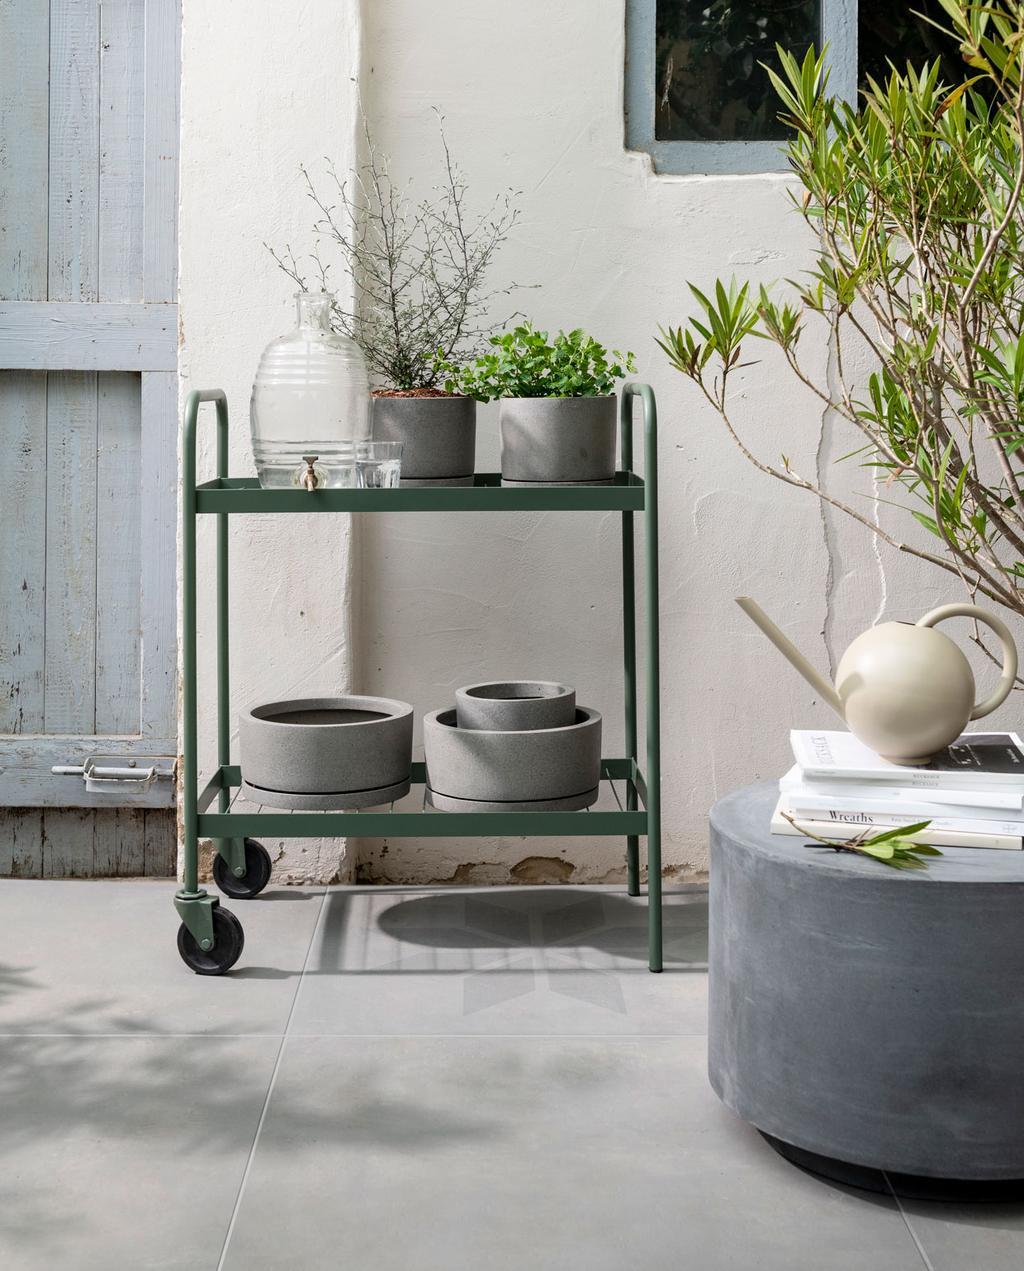 vtwonen tegels terras met groen karretje